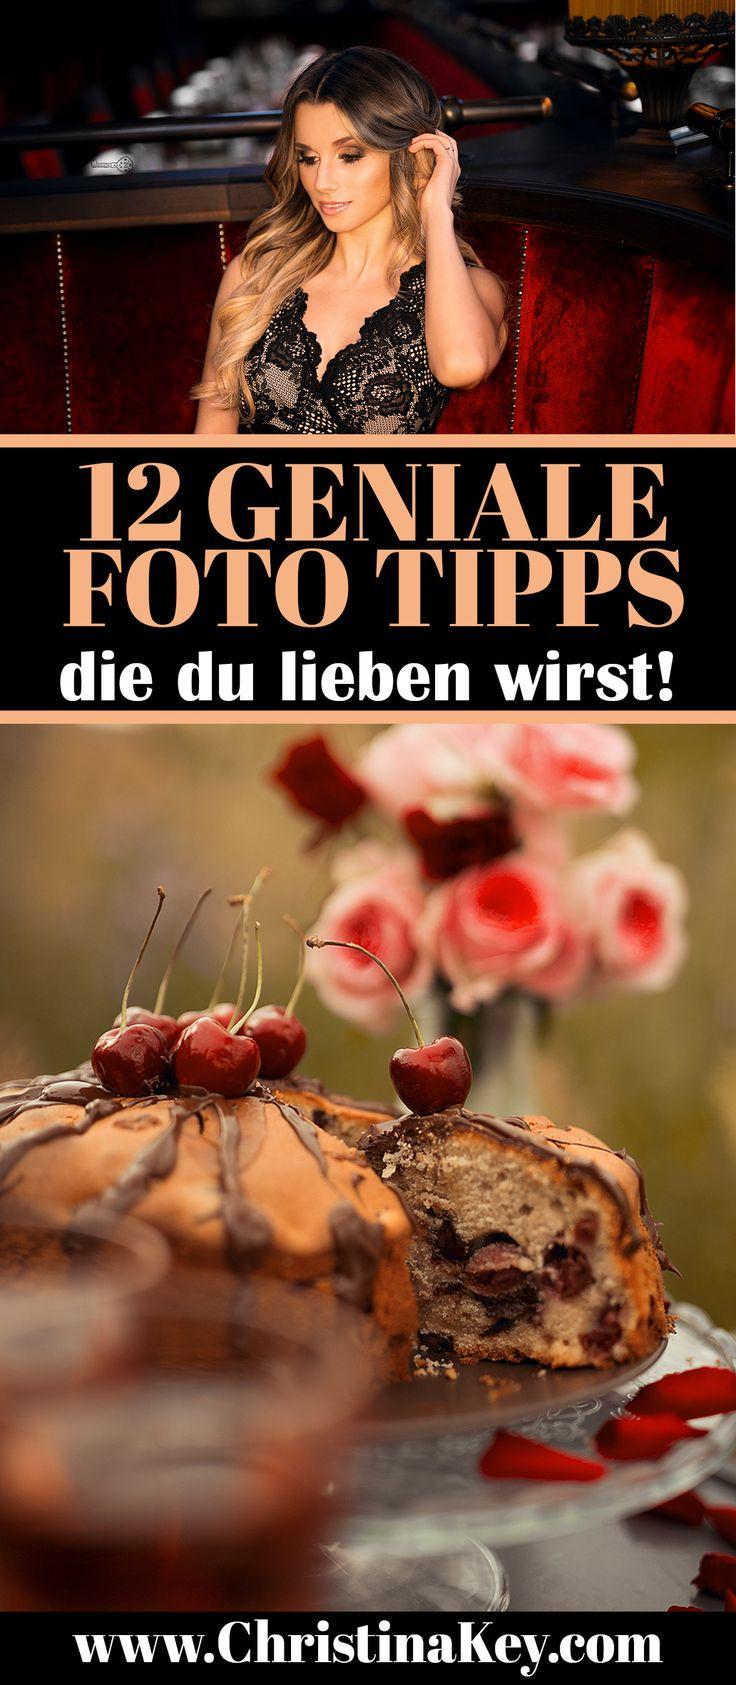 25 bezaubernde fotoideen ideen auf pinterest bilder strandfotographie und bildideen - Fotoideen zum nachmachen ...